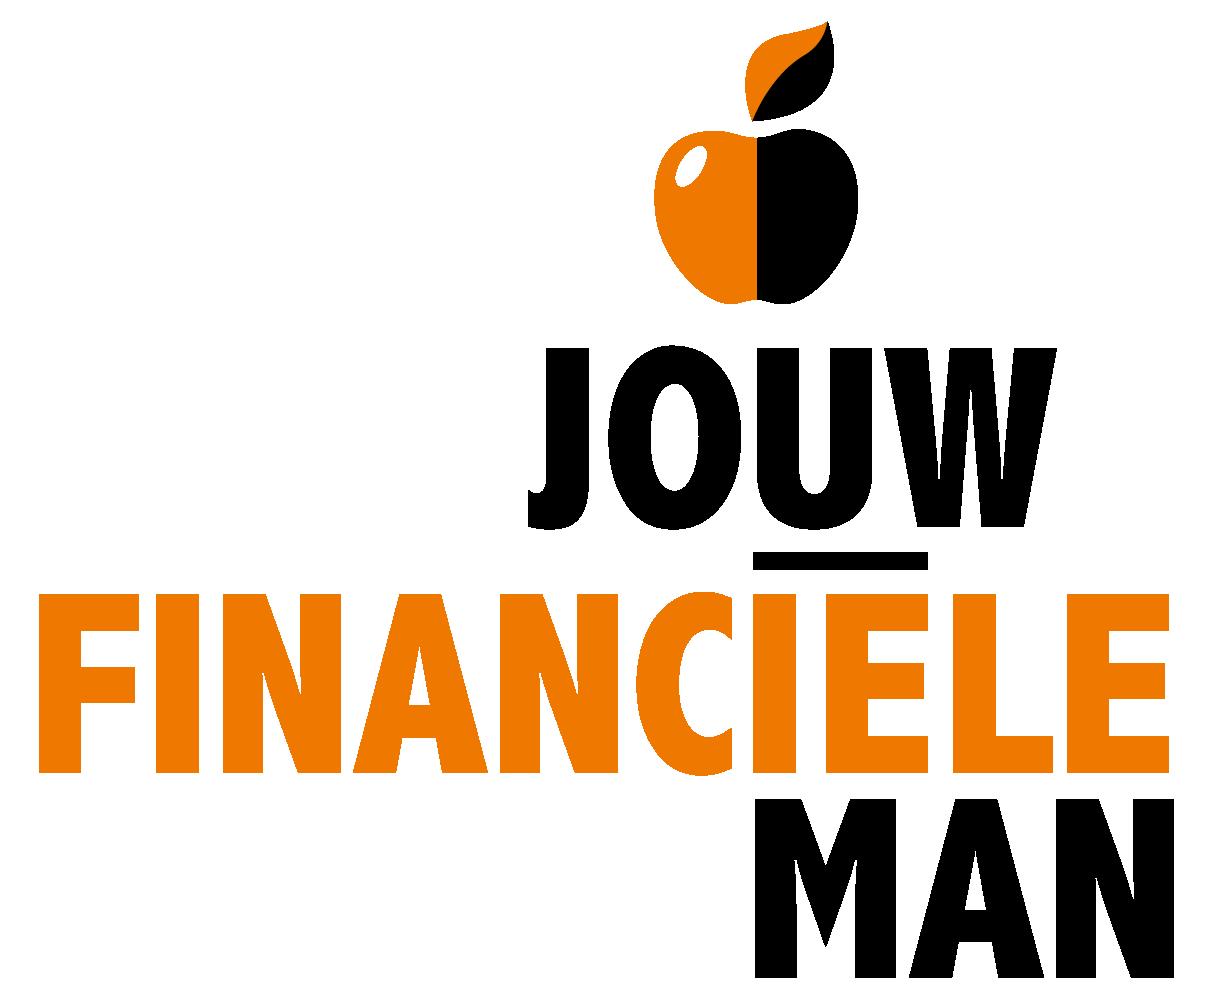 de_financiele_man